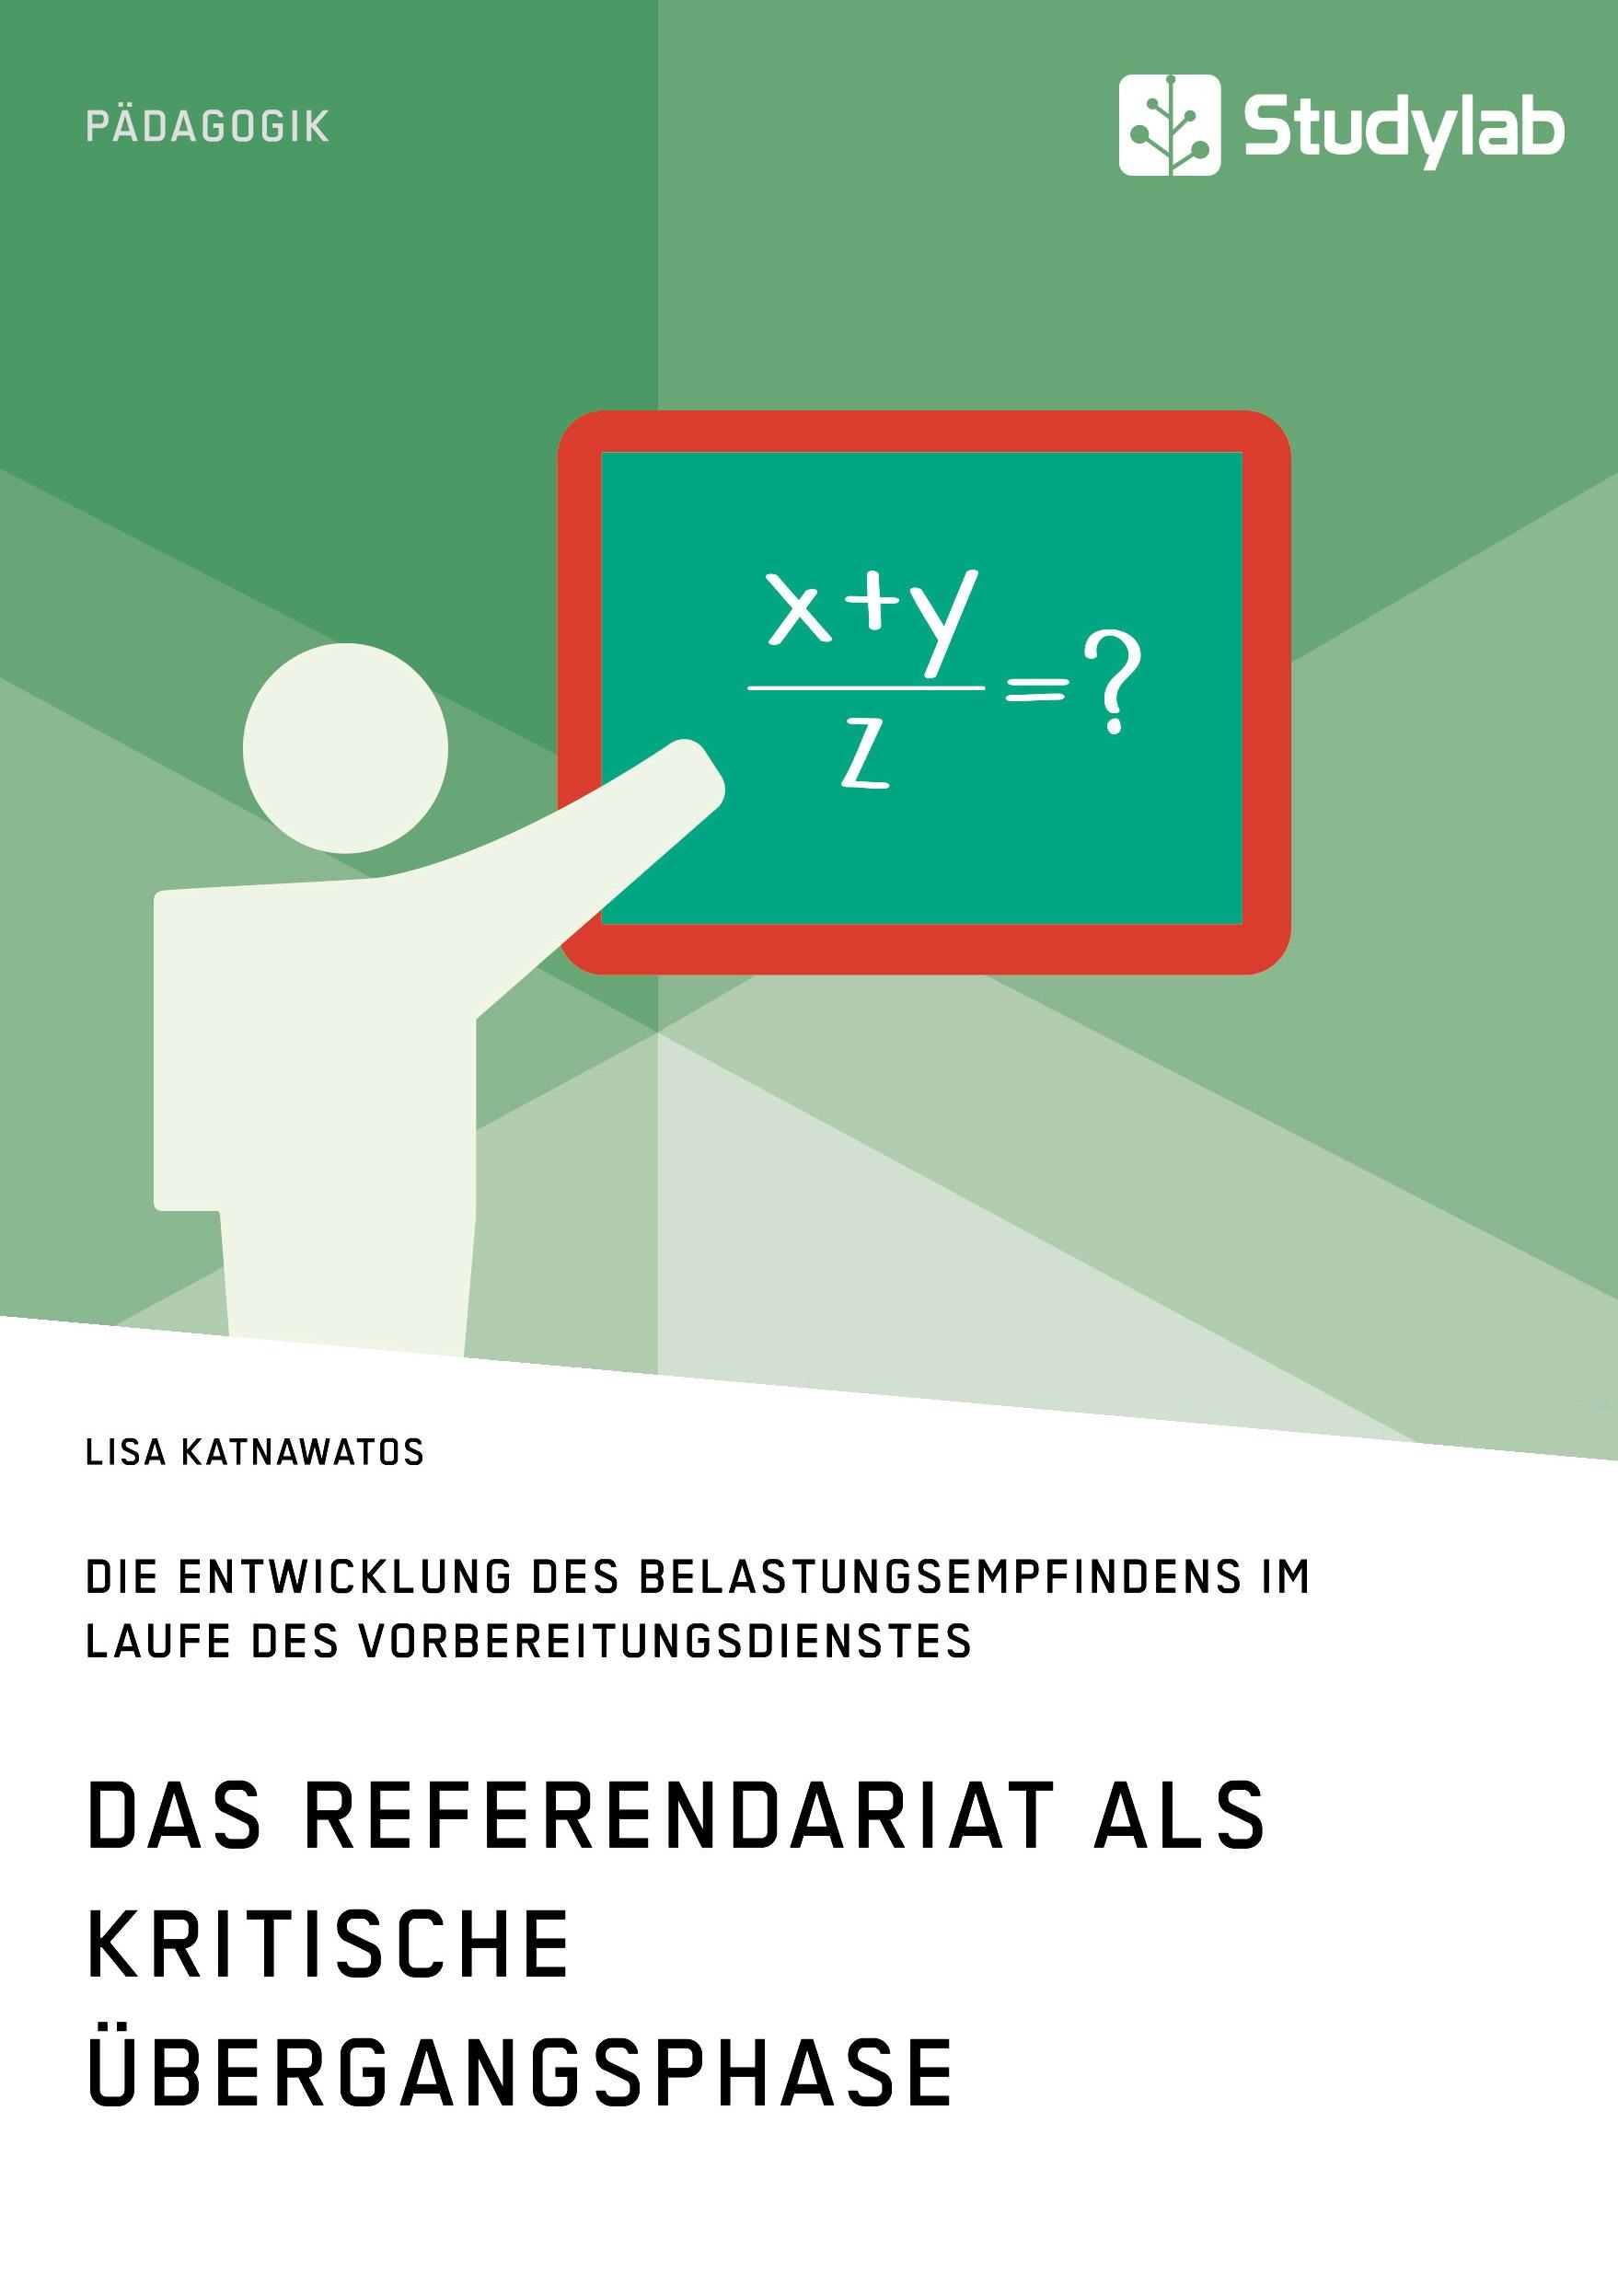 Titel: Das Referendariat als kritische Übergangsphase